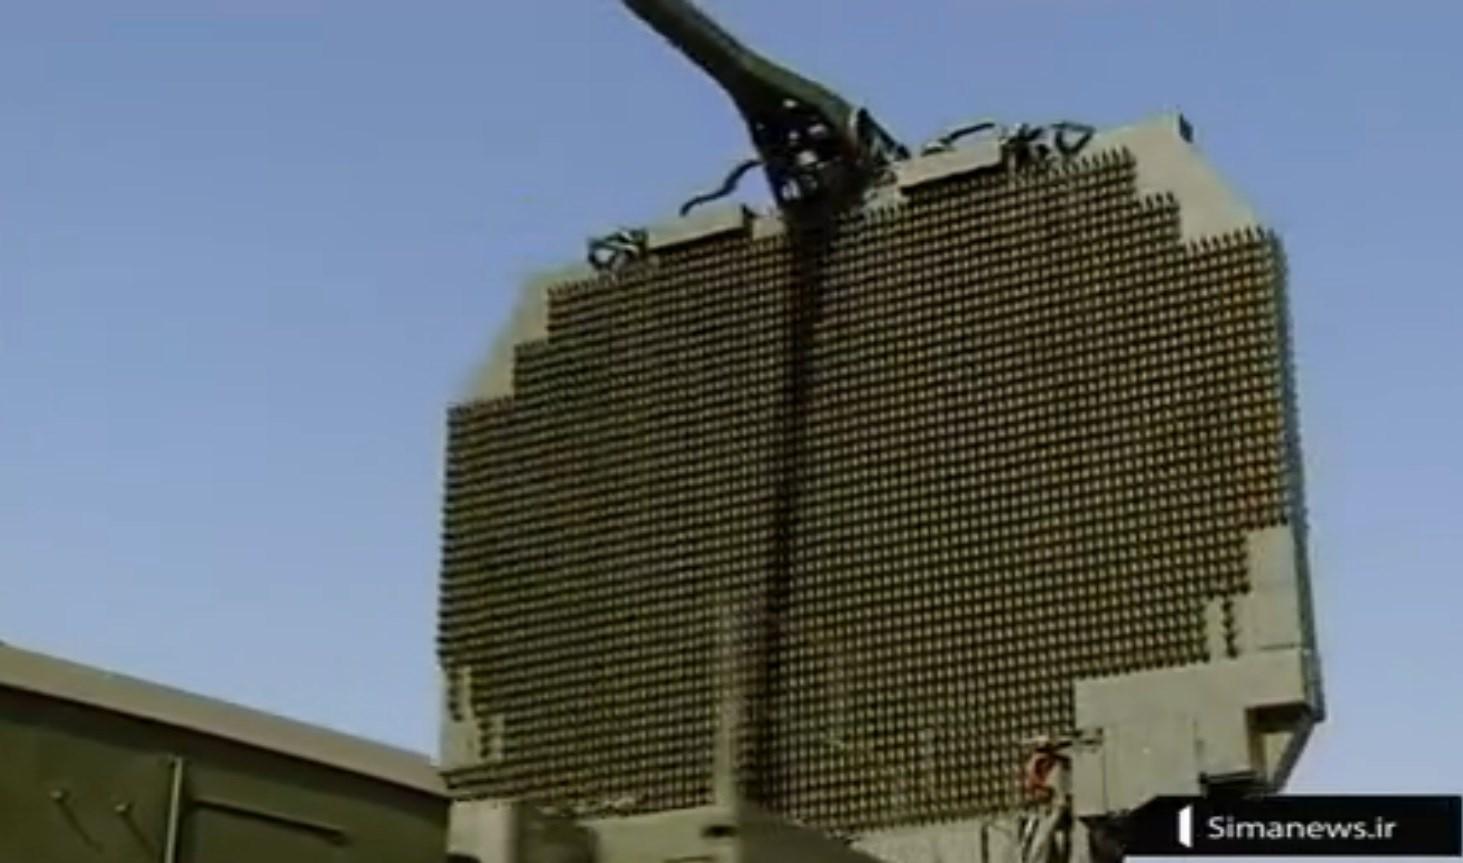 """إيران تنشر """" أنظمة صواريخ  S-300 """" قرب منشأة فردو النووية  1395060808390352285044310"""